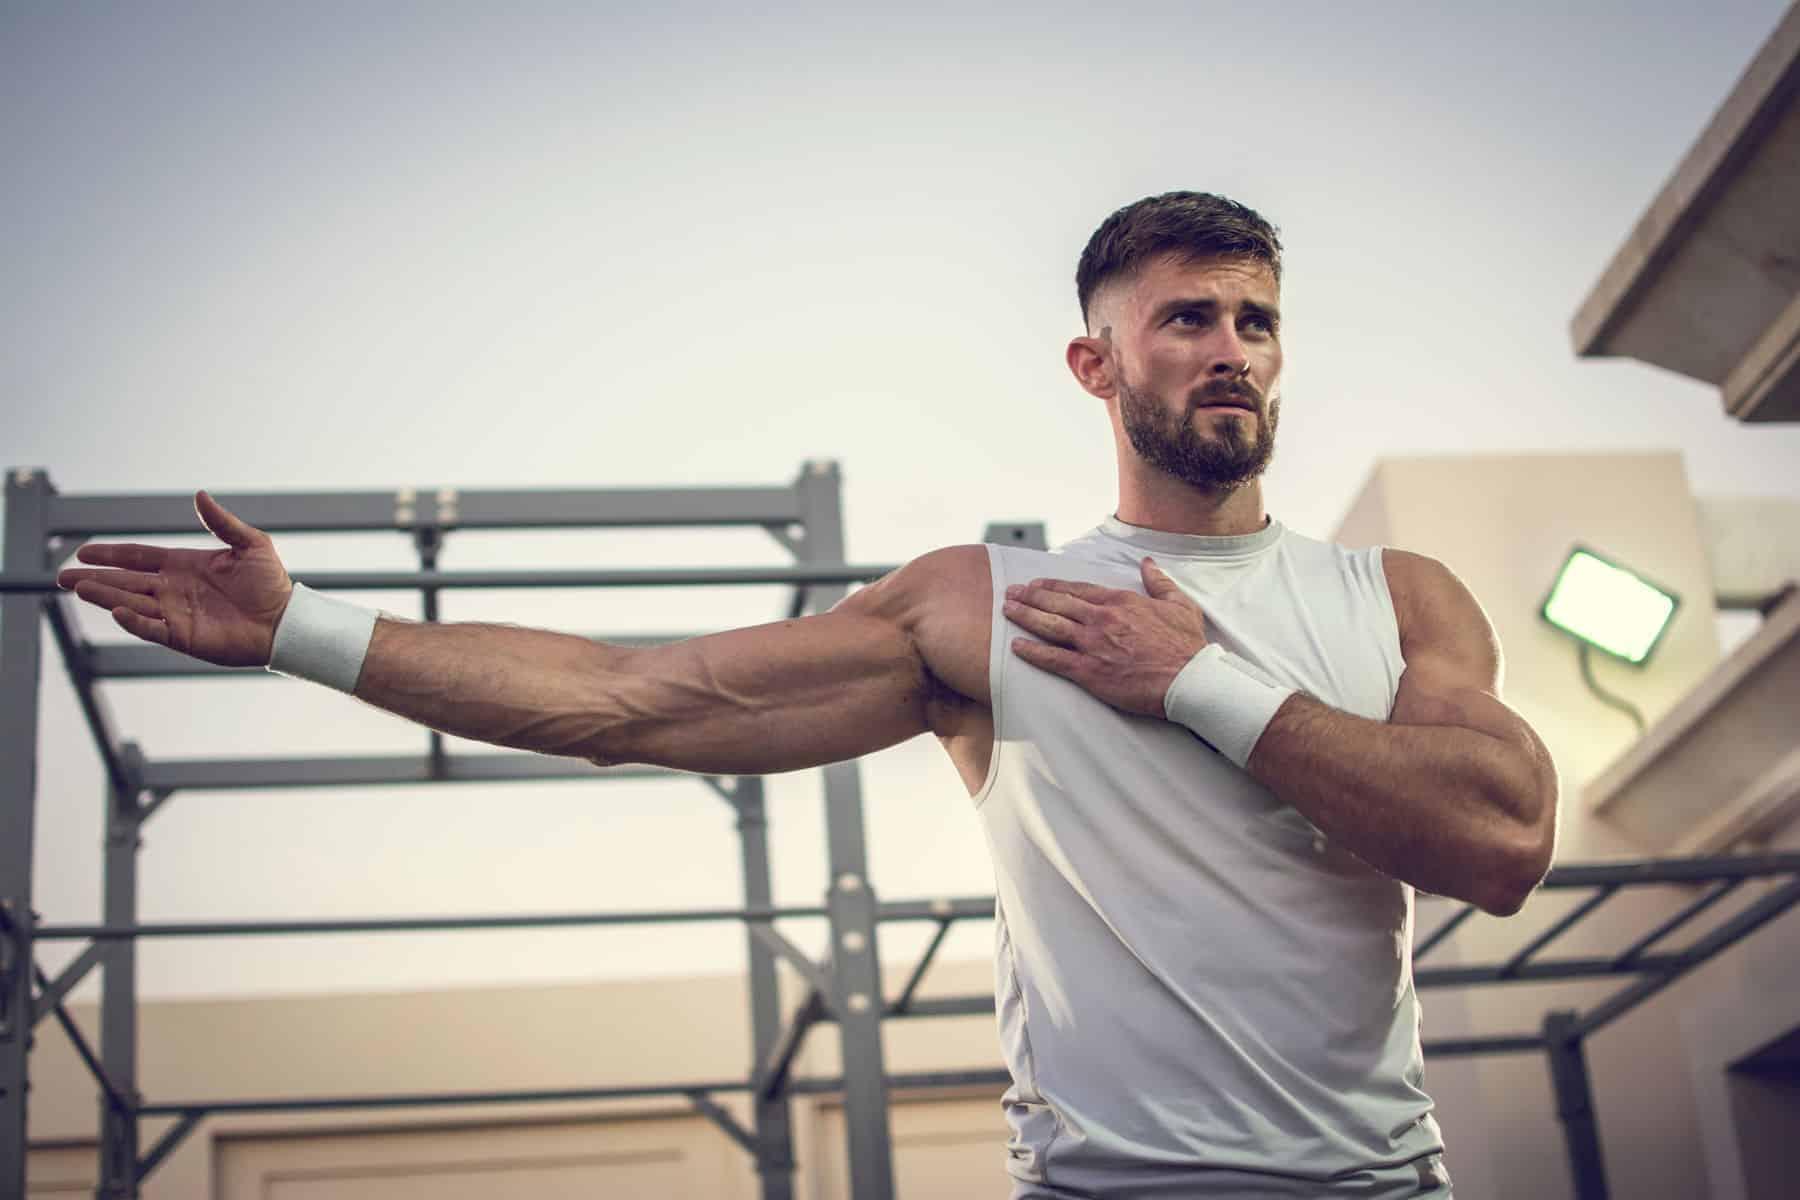 Efficacia di esercizi specifici nella sindrome da impingement subacromiale